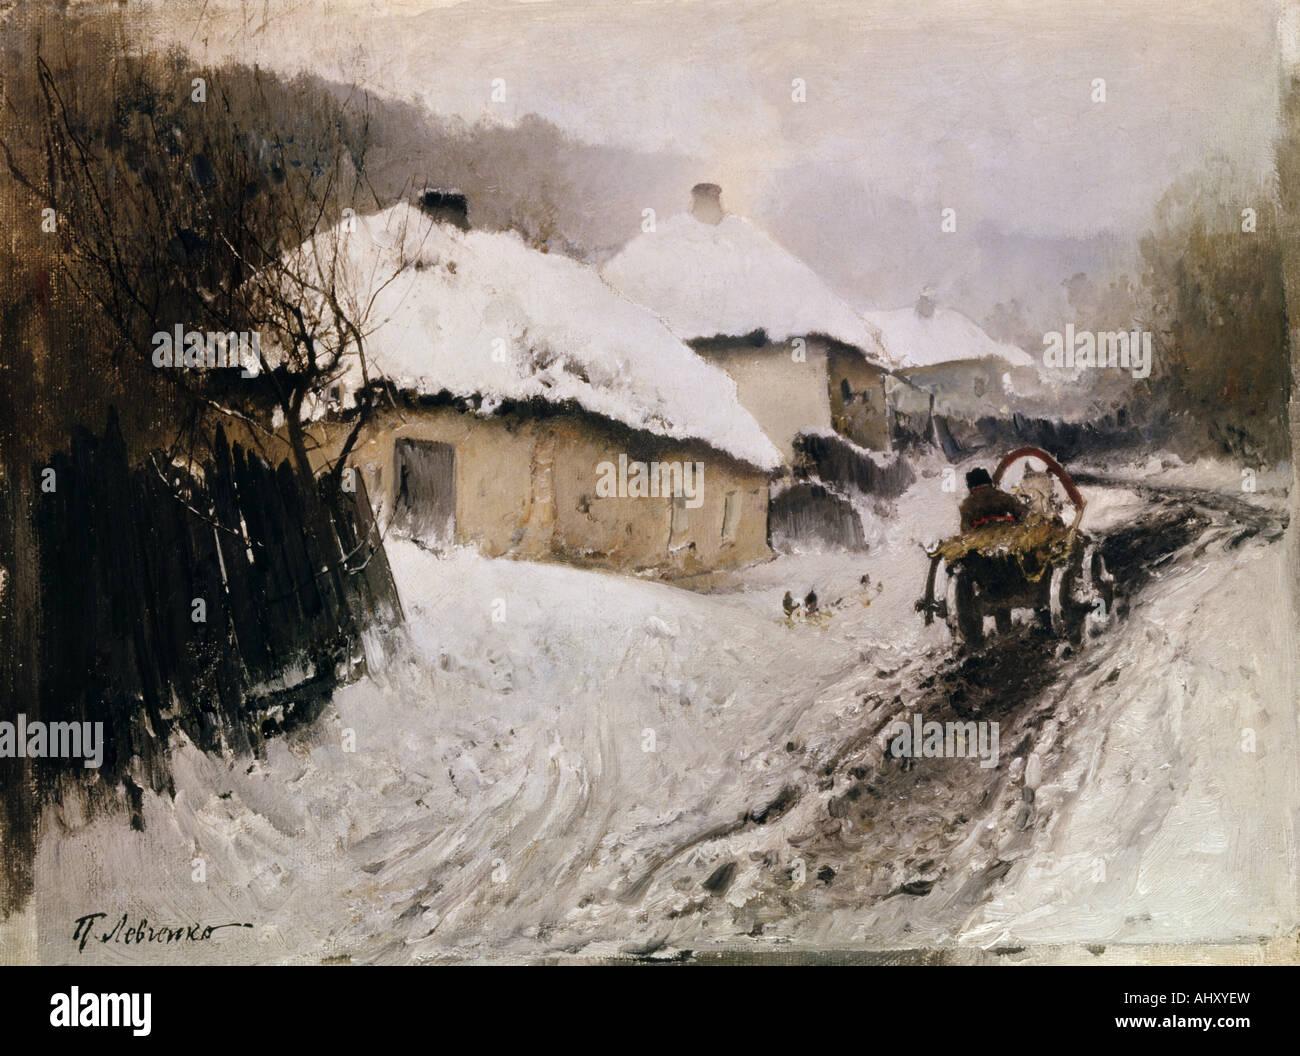 """'Fine Arts, Levchenko, Petro, (1856 - 1917), peinture, """"un village en hiver"""", 1905, huile sur toile, Photo Stock"""